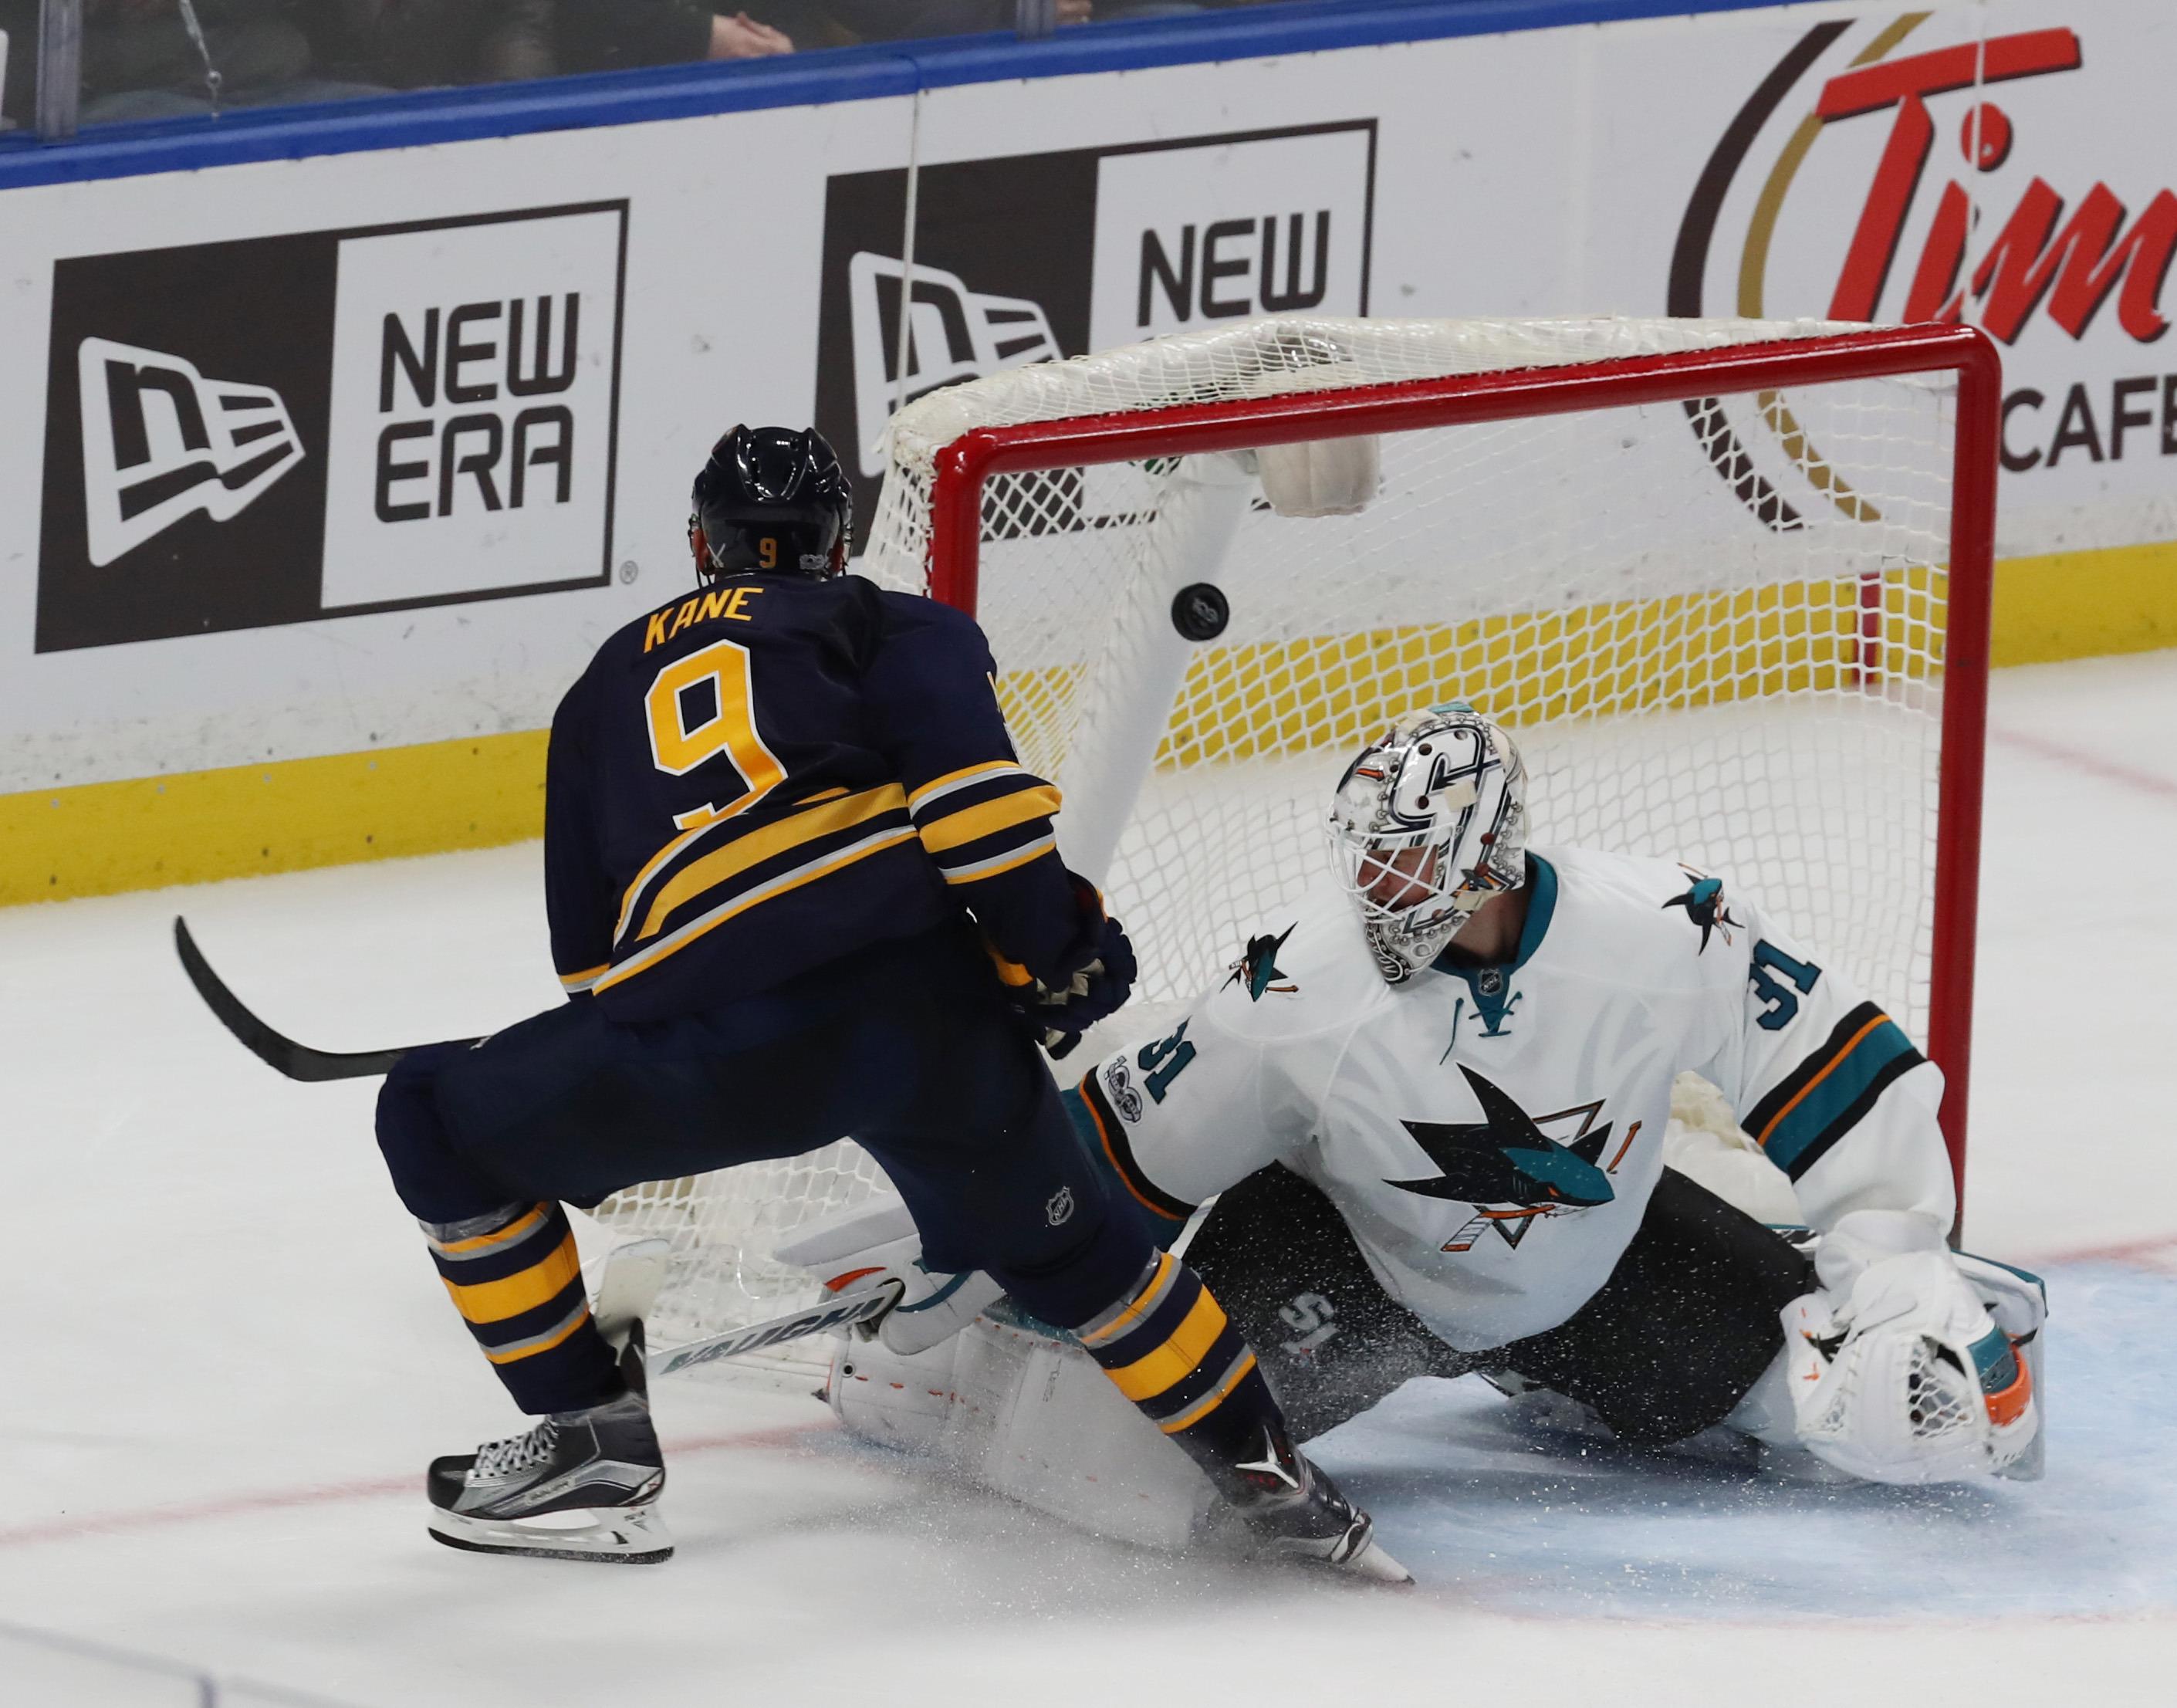 Evander Kane beats San Jose goalie Martin Jones for the winning goal in overtime (James P. McCoy/Buffalo News)